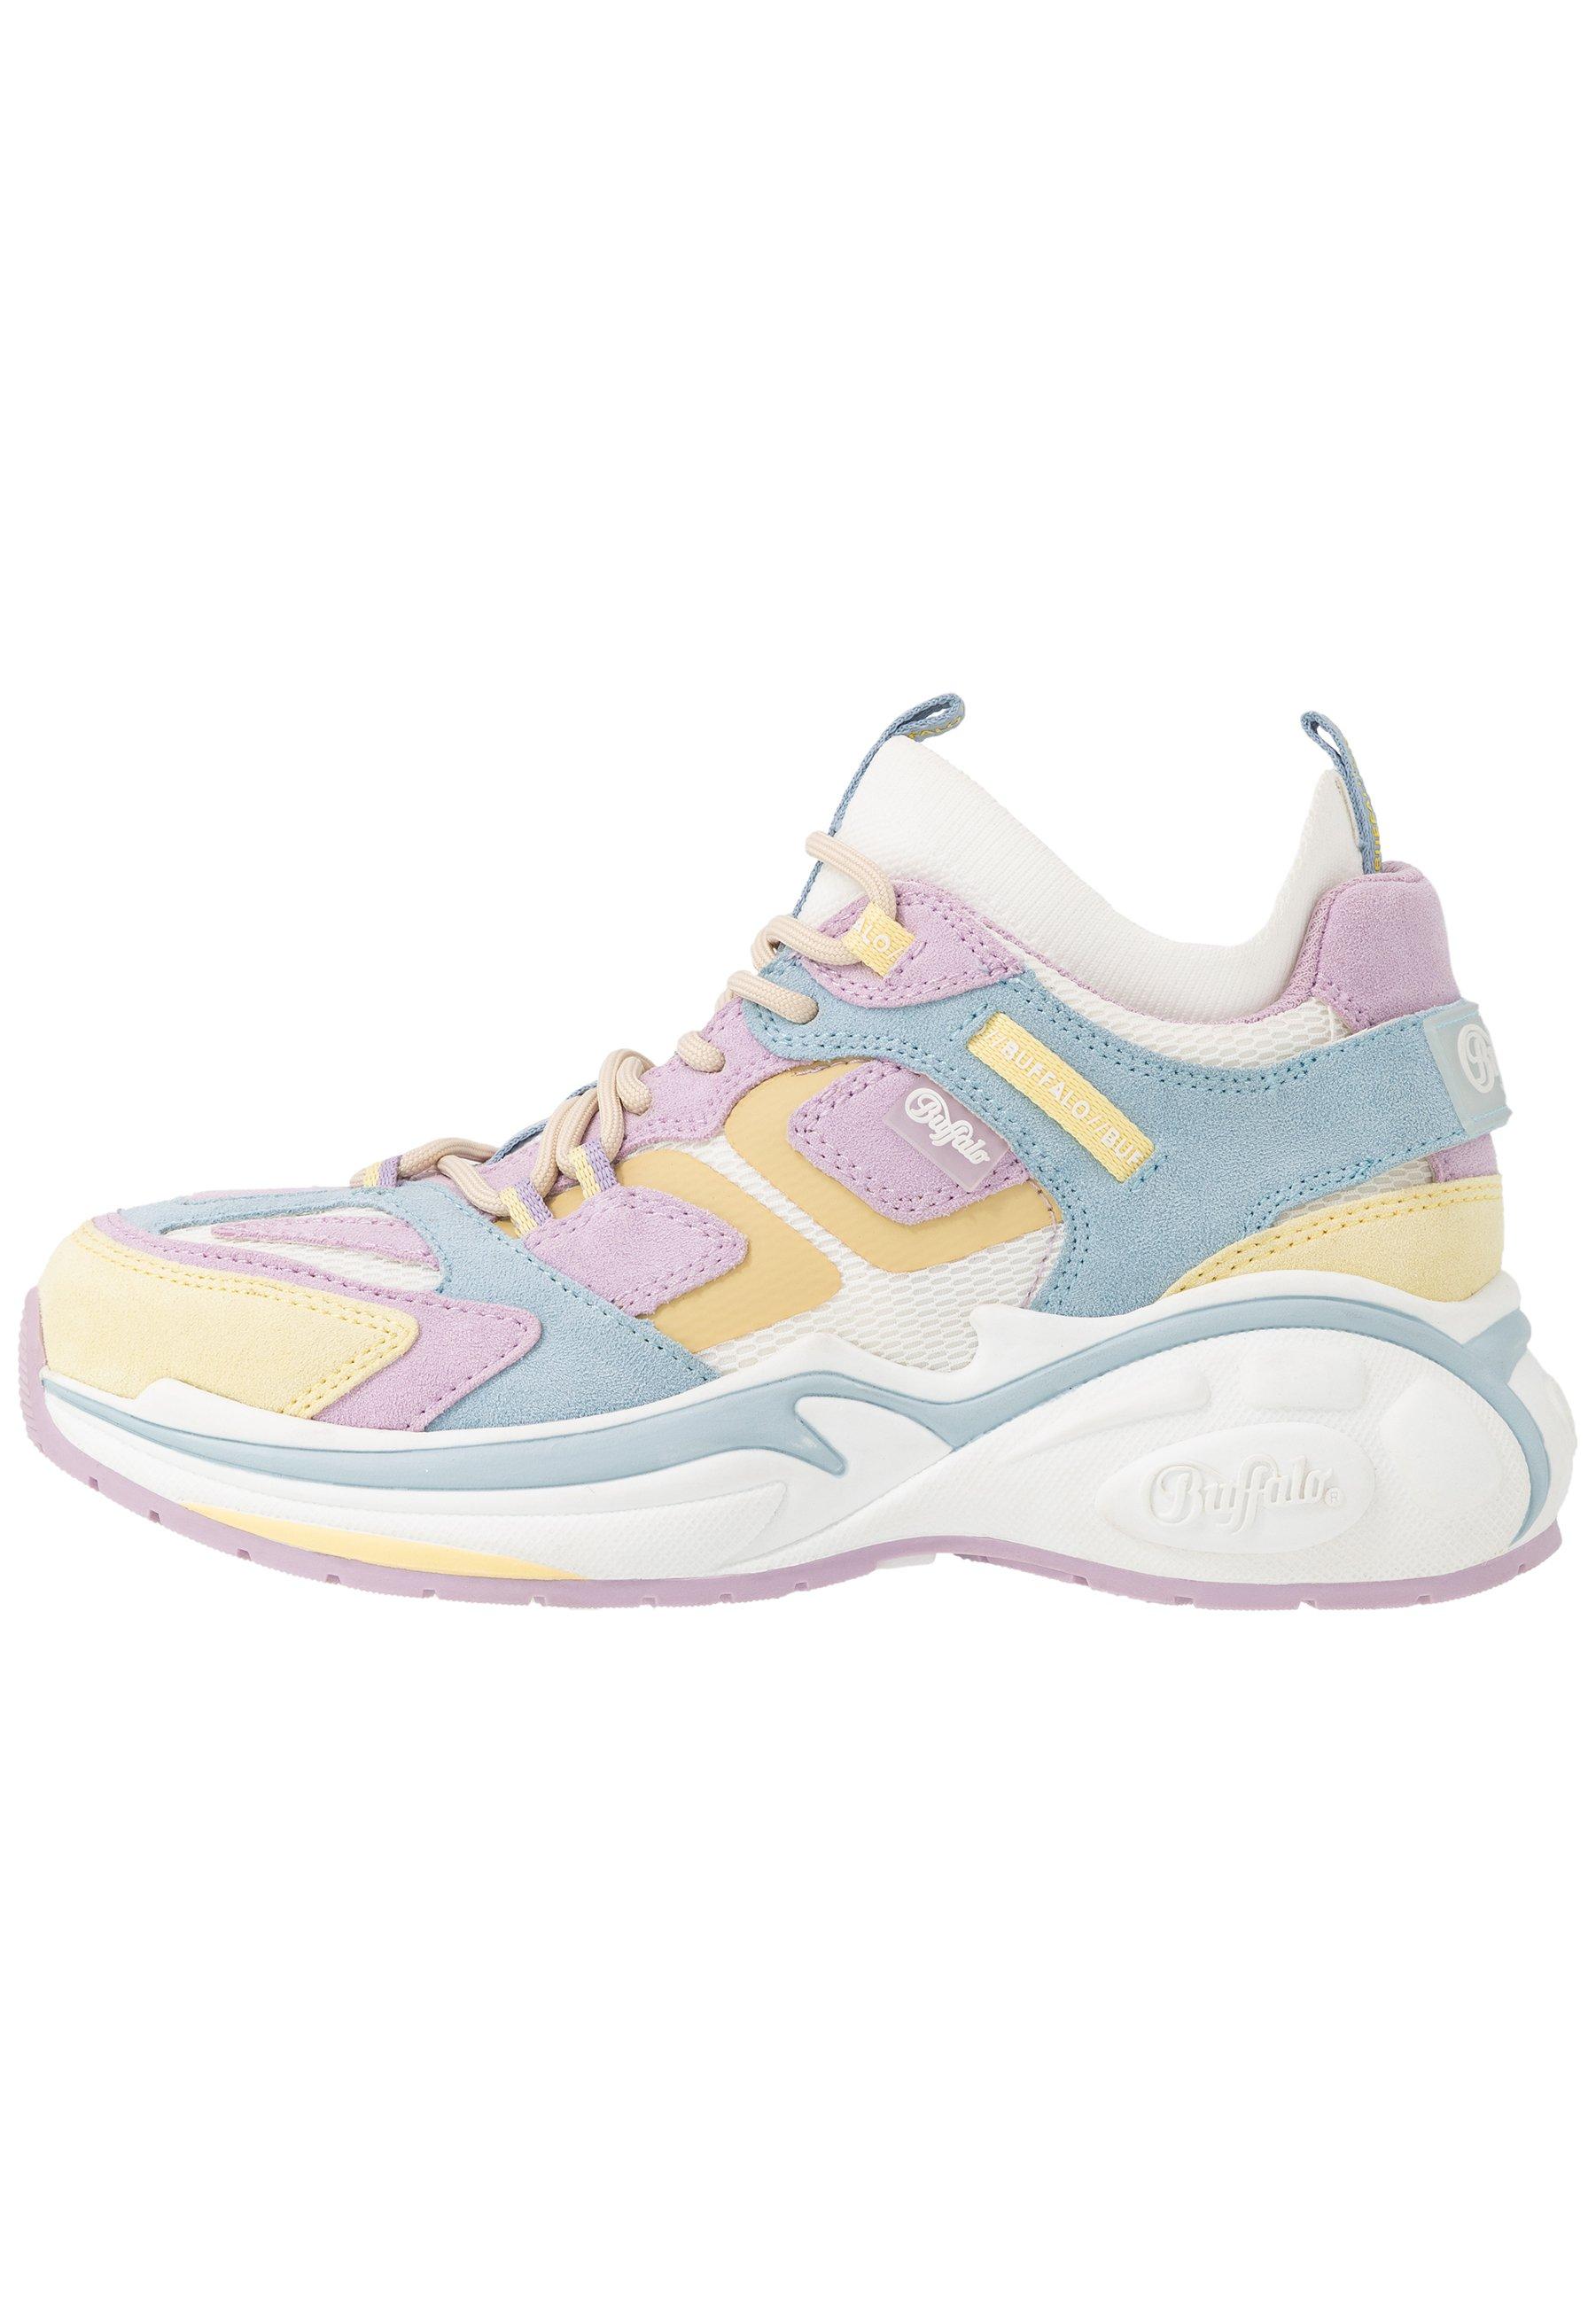 Höga sneakers crazy multicolor